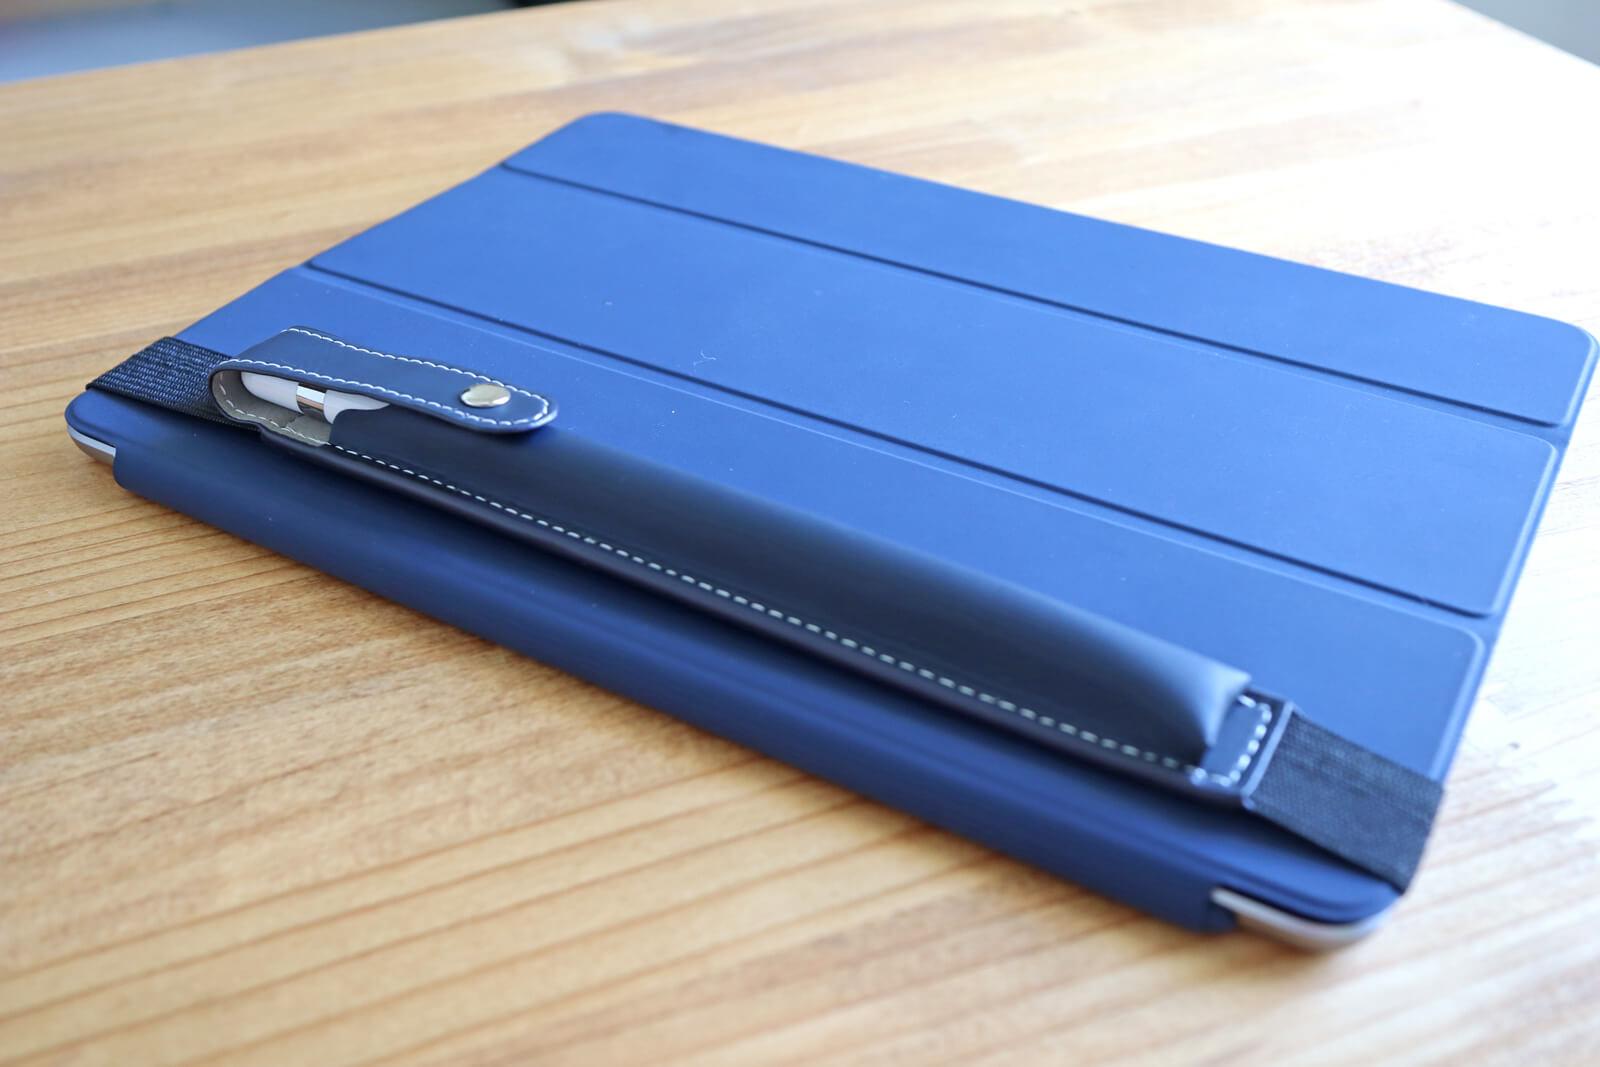 今まで使っていたiPadのカバーも使えてラッキー